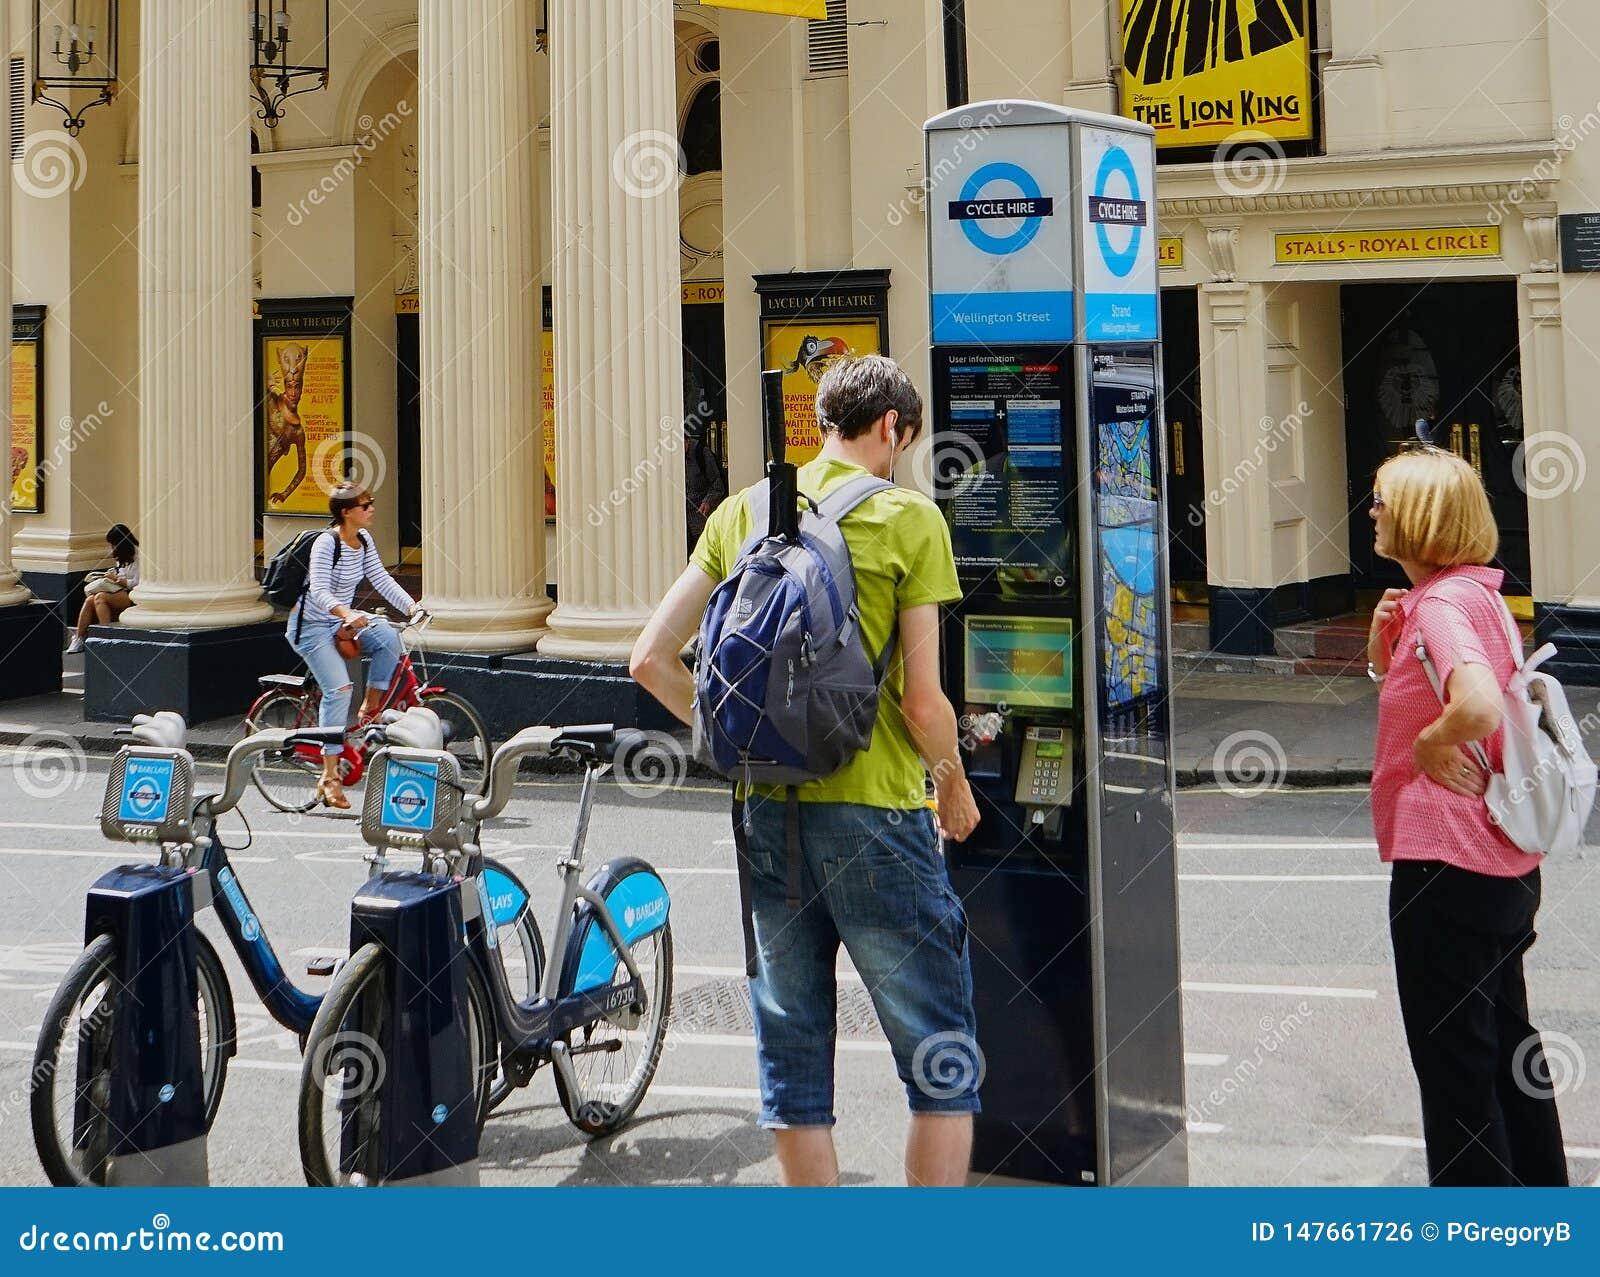 Bicycle Rental Street Kiosk in West End, London